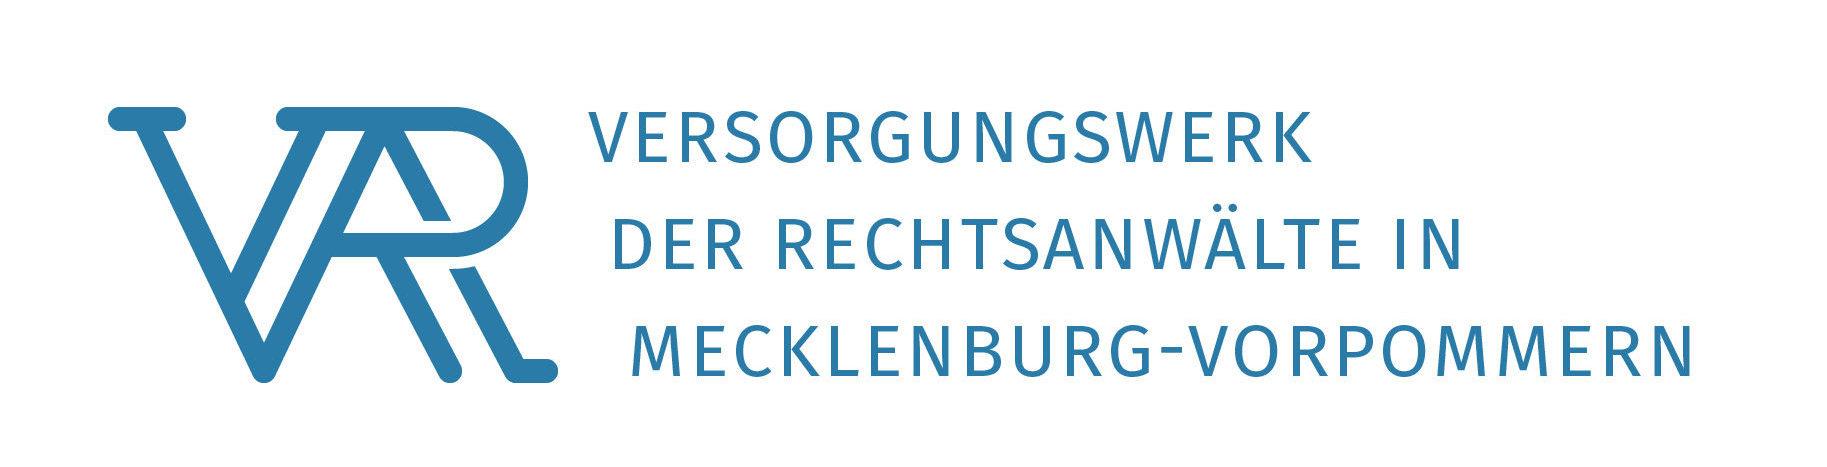 Versorgungswerk der Rechtsanwälte in Mecklenburg-Vorpommern